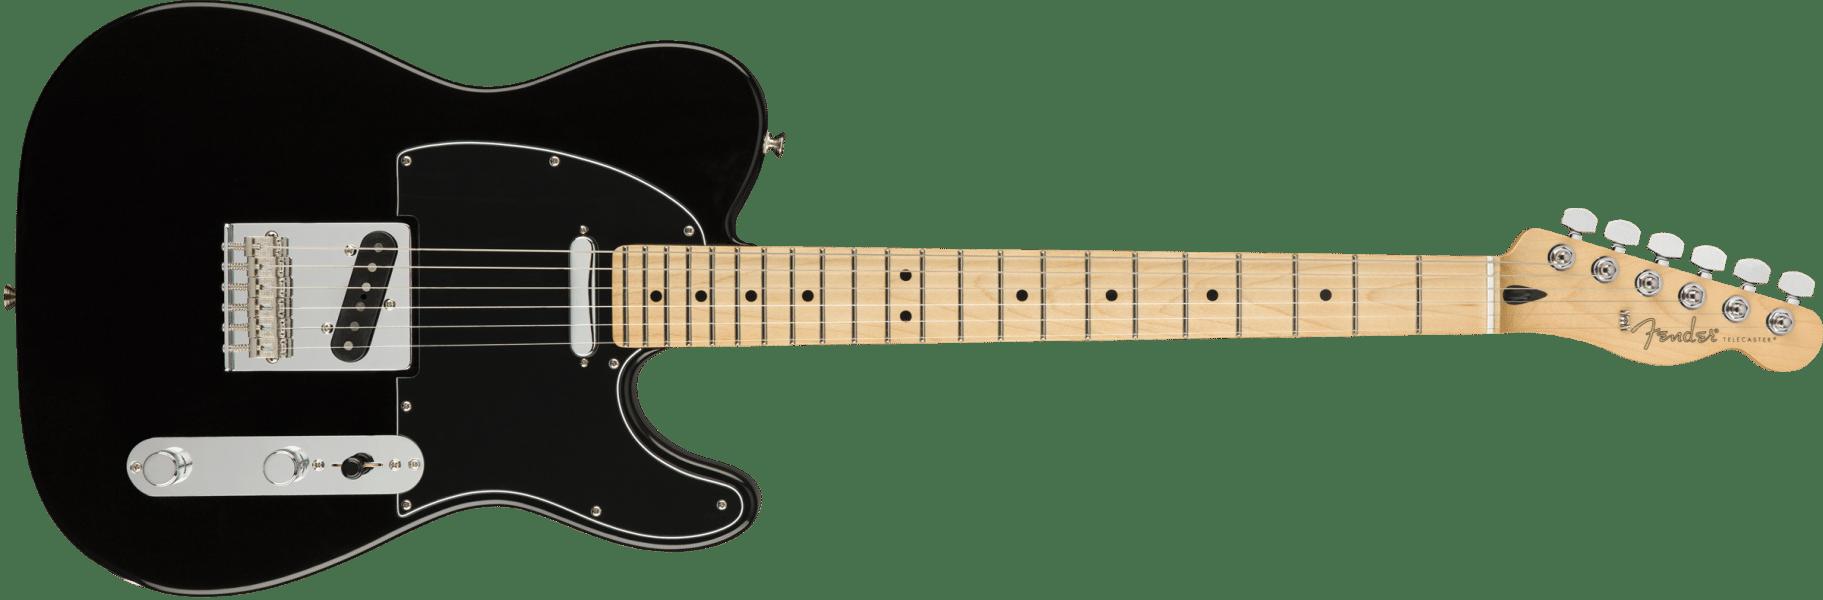 Fender Player Telecaster Black Maple Neck